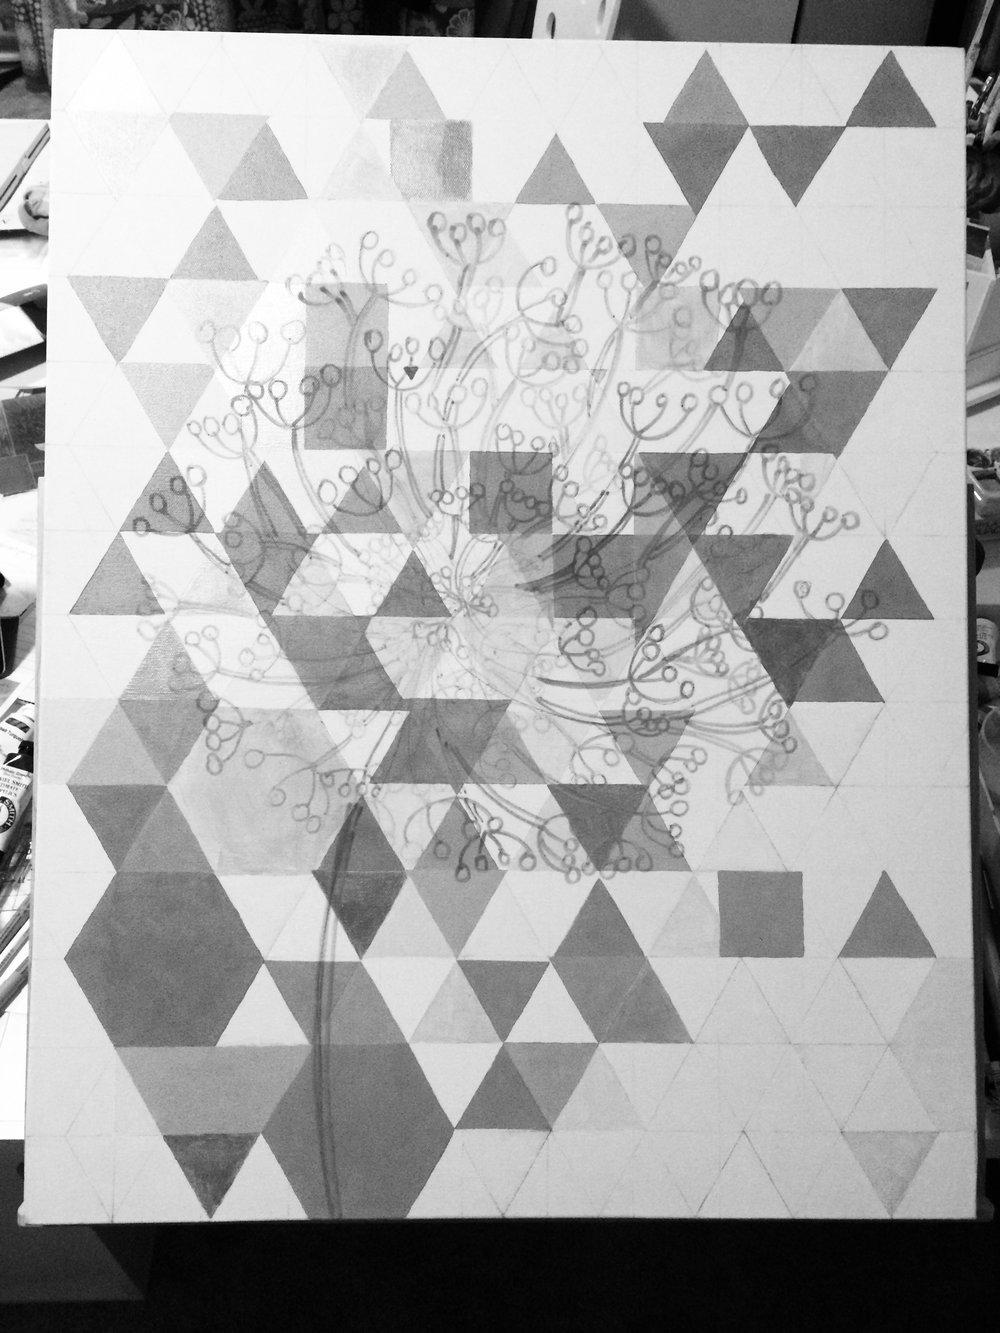 dandelion sketched